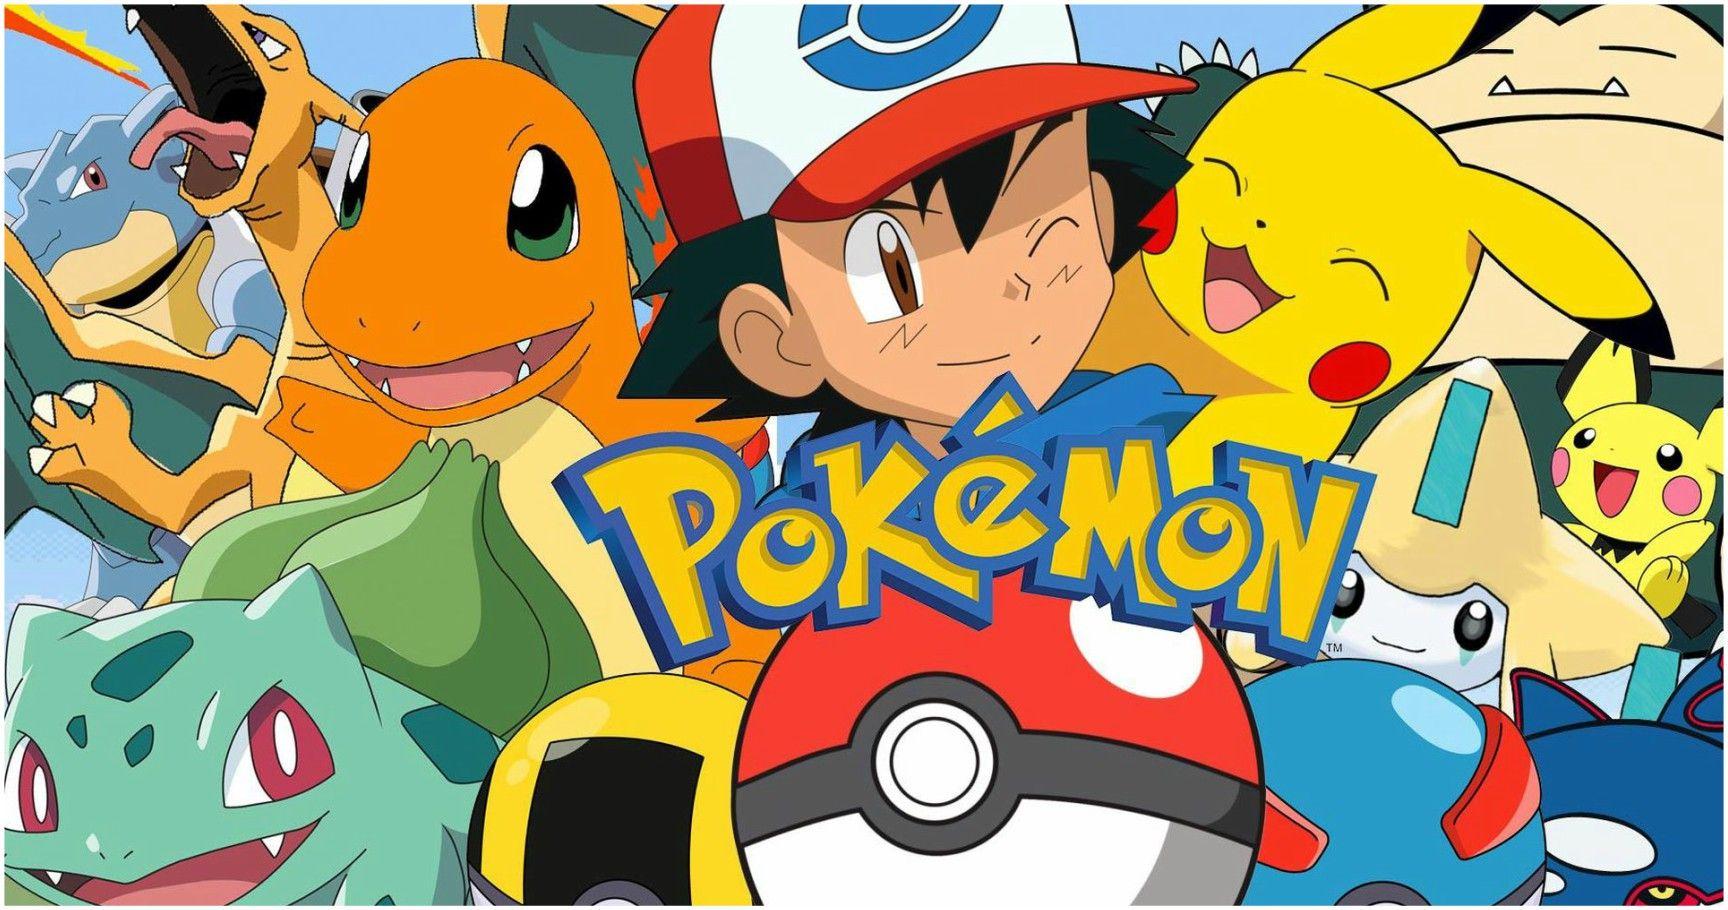 How Well Do You Know Pokémon?